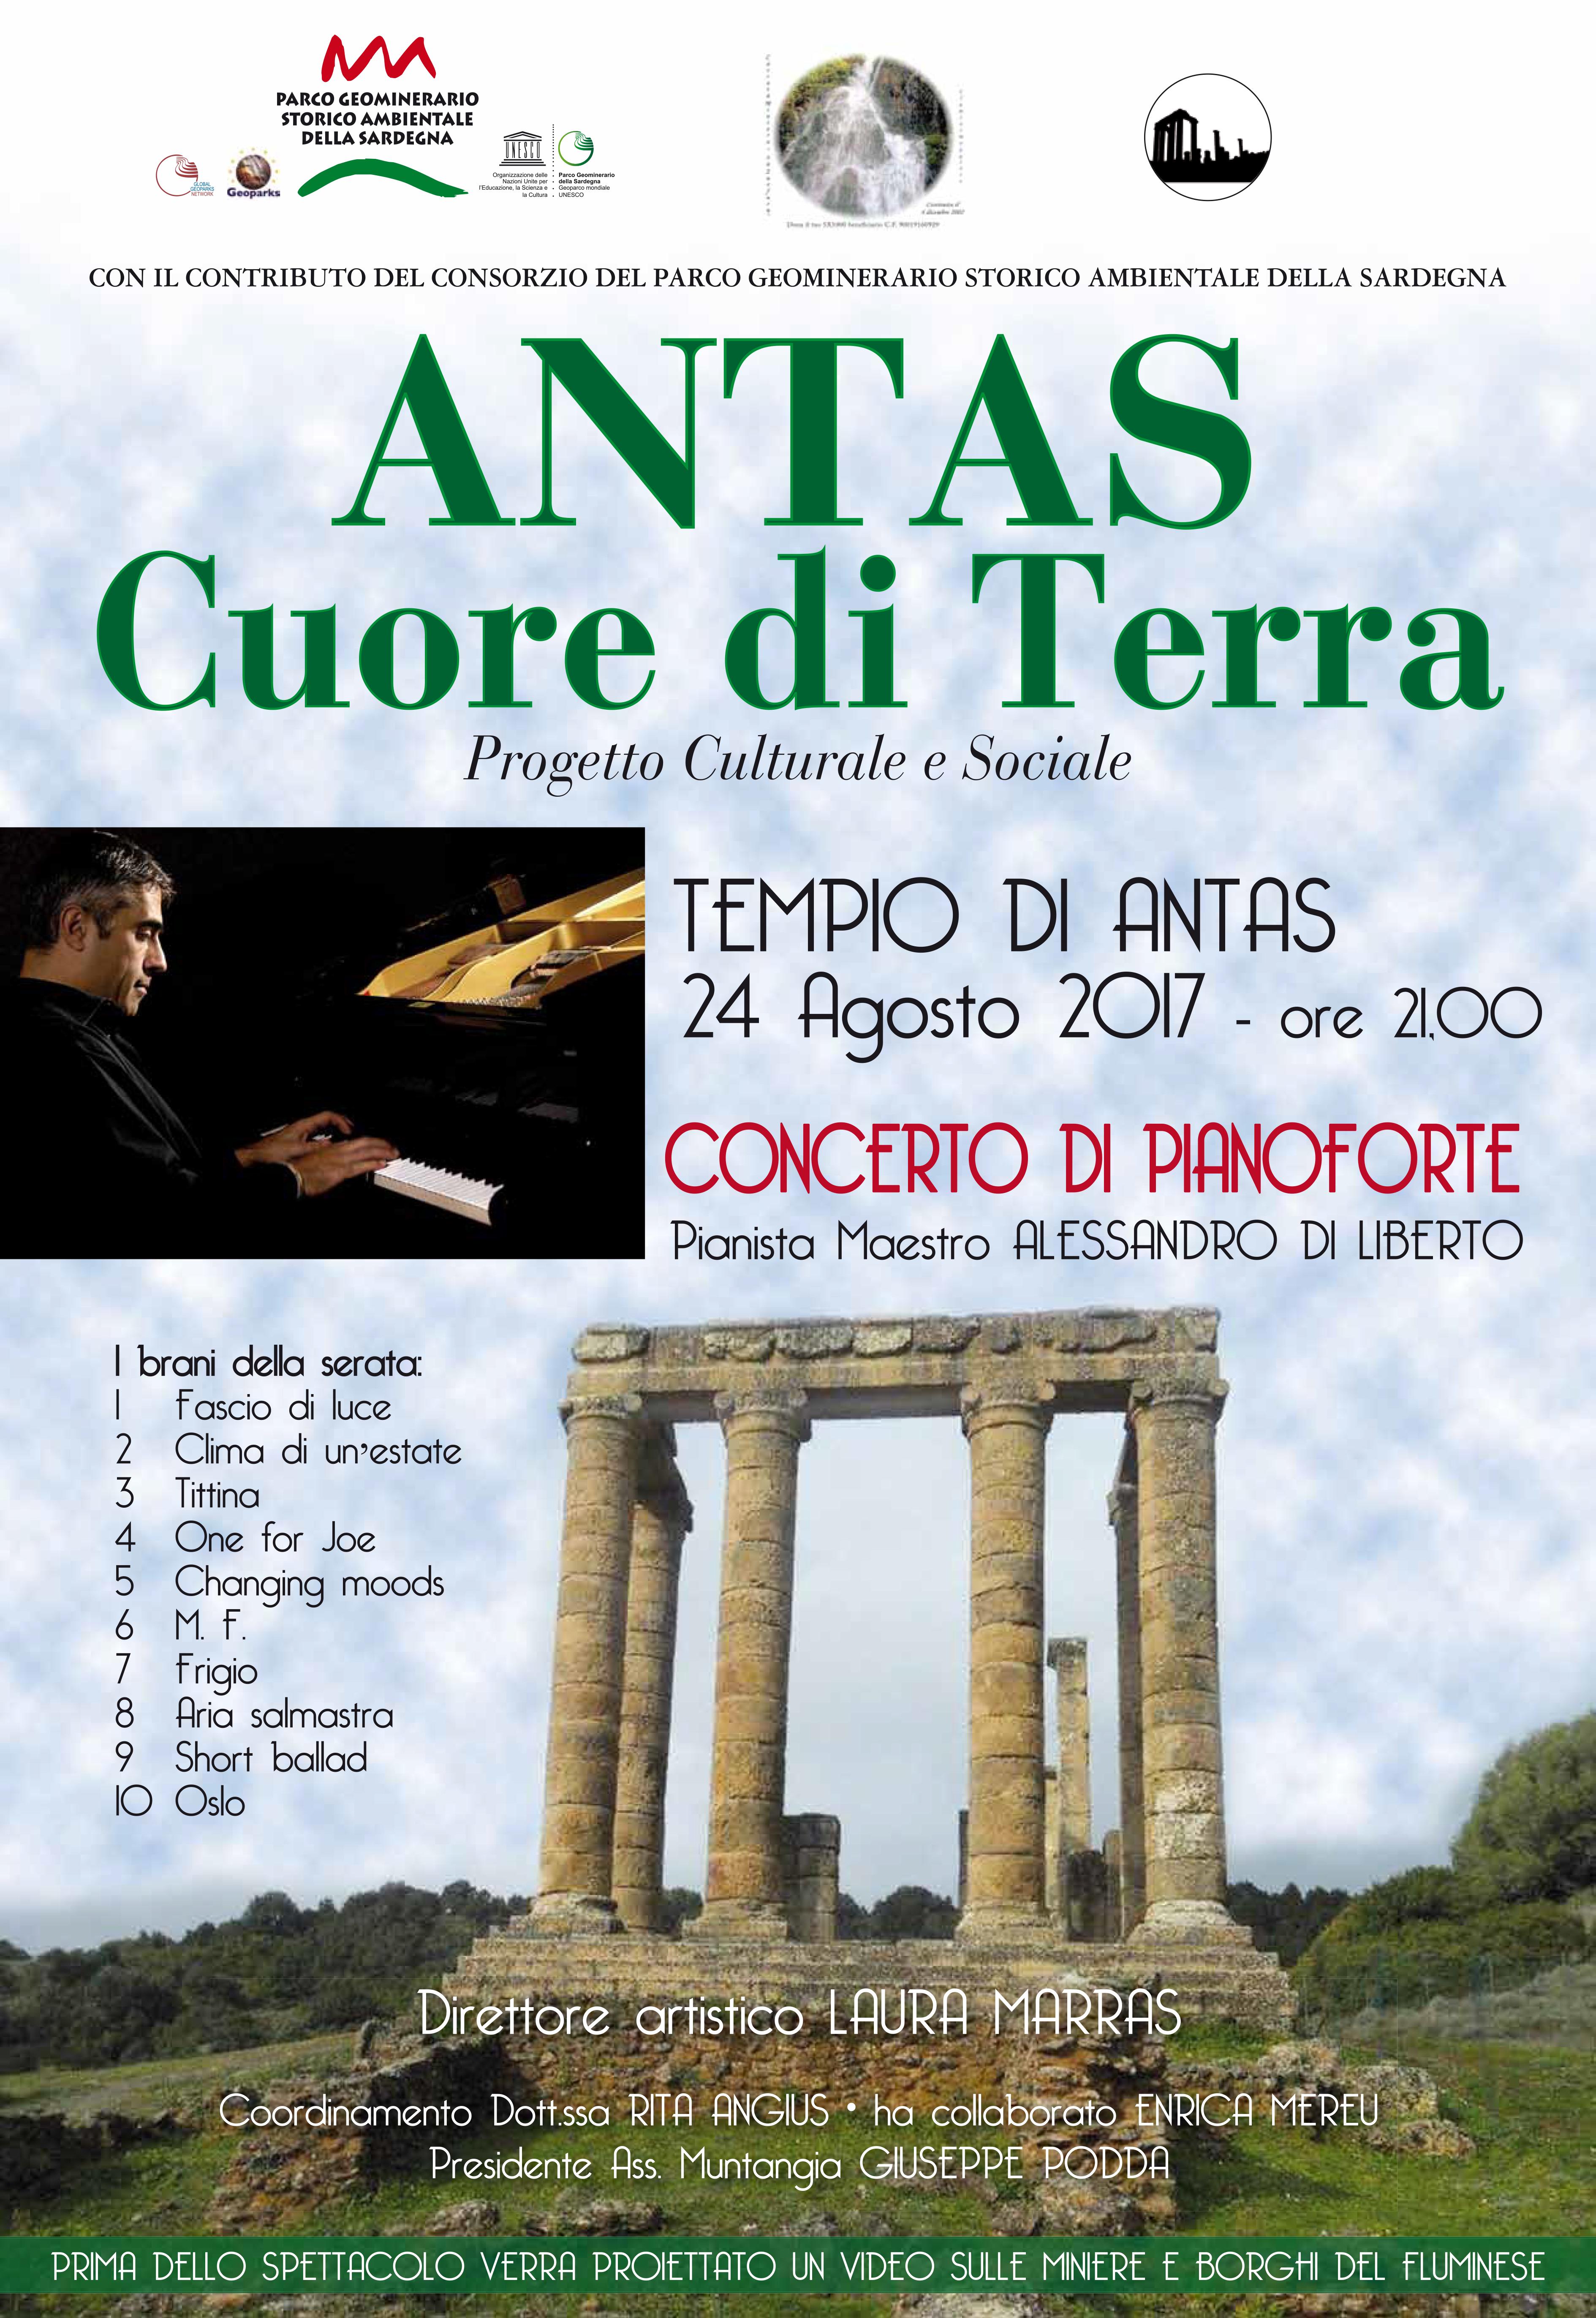 Antas cuore di Terra - concerto di pianoforte 24 agosto